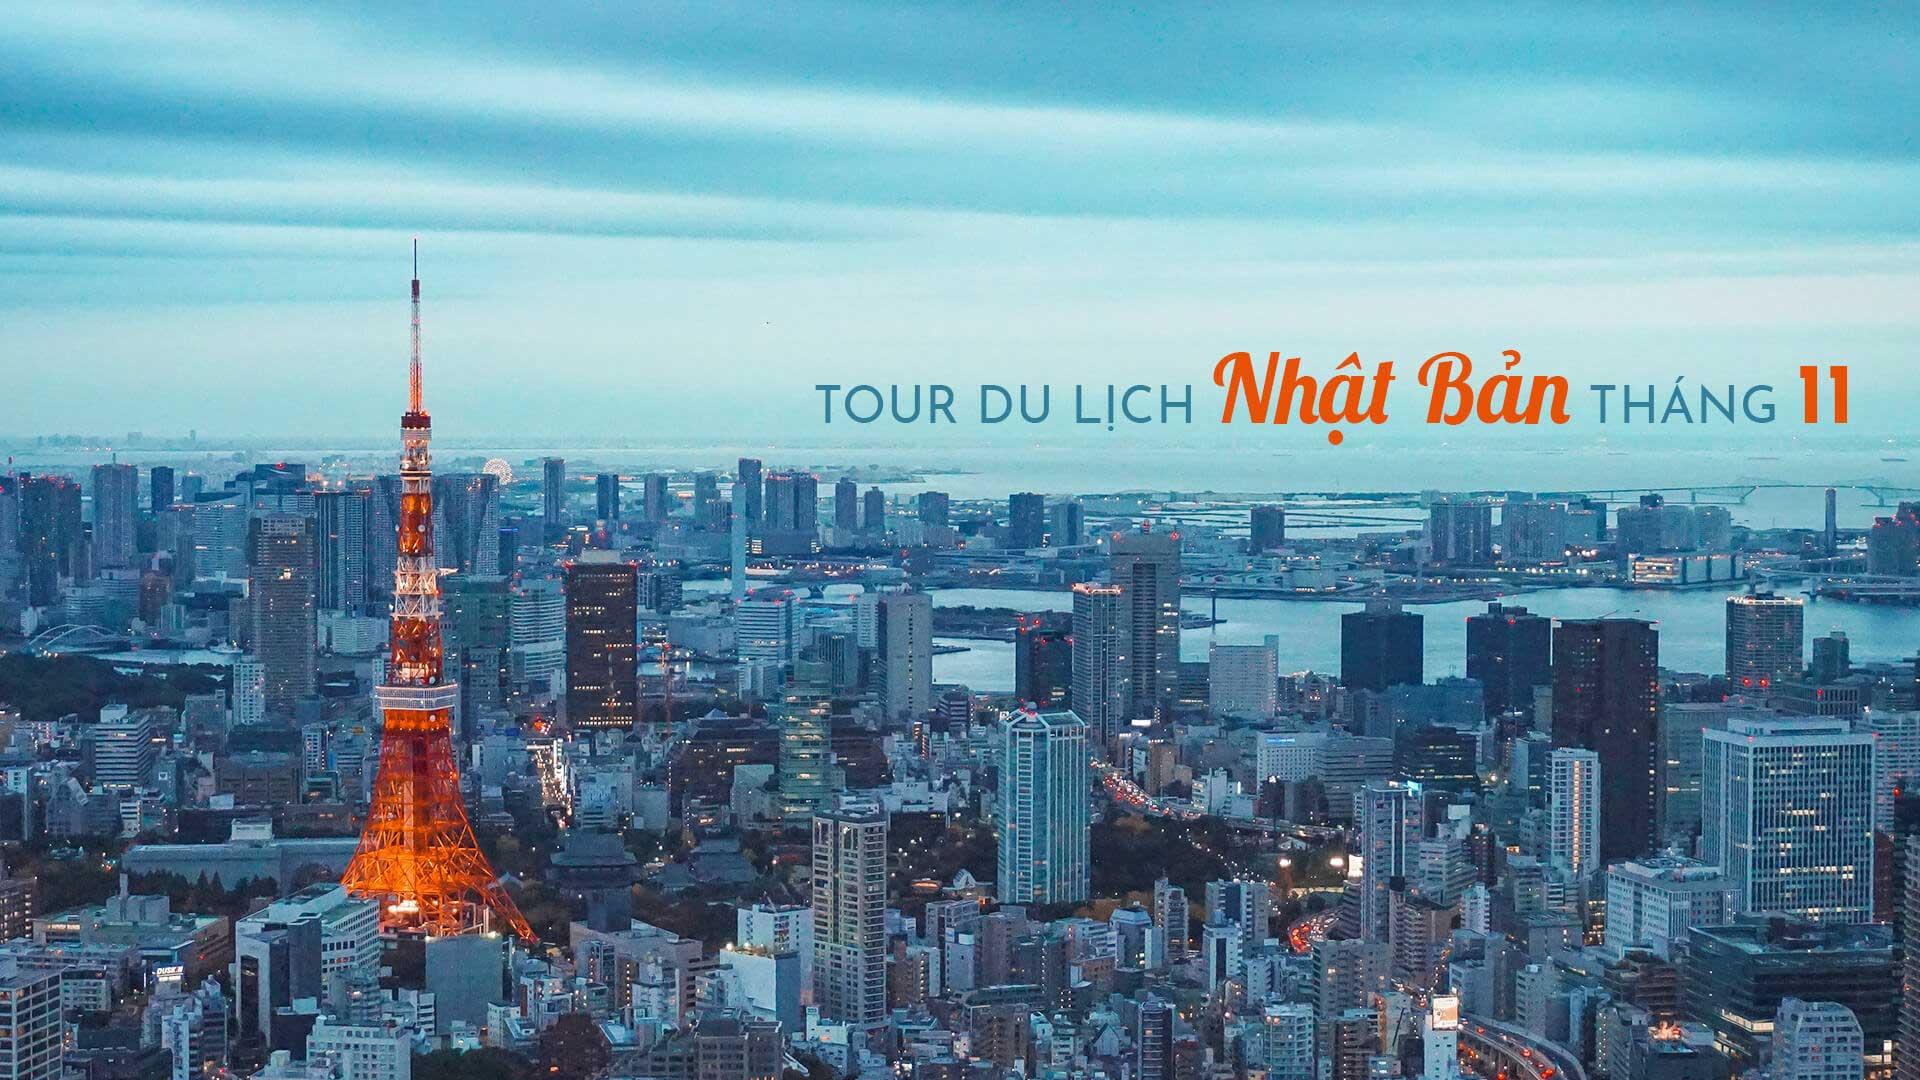 Top 5 tour du lịch Nhật Bản tháng 11 mới nhất 2020